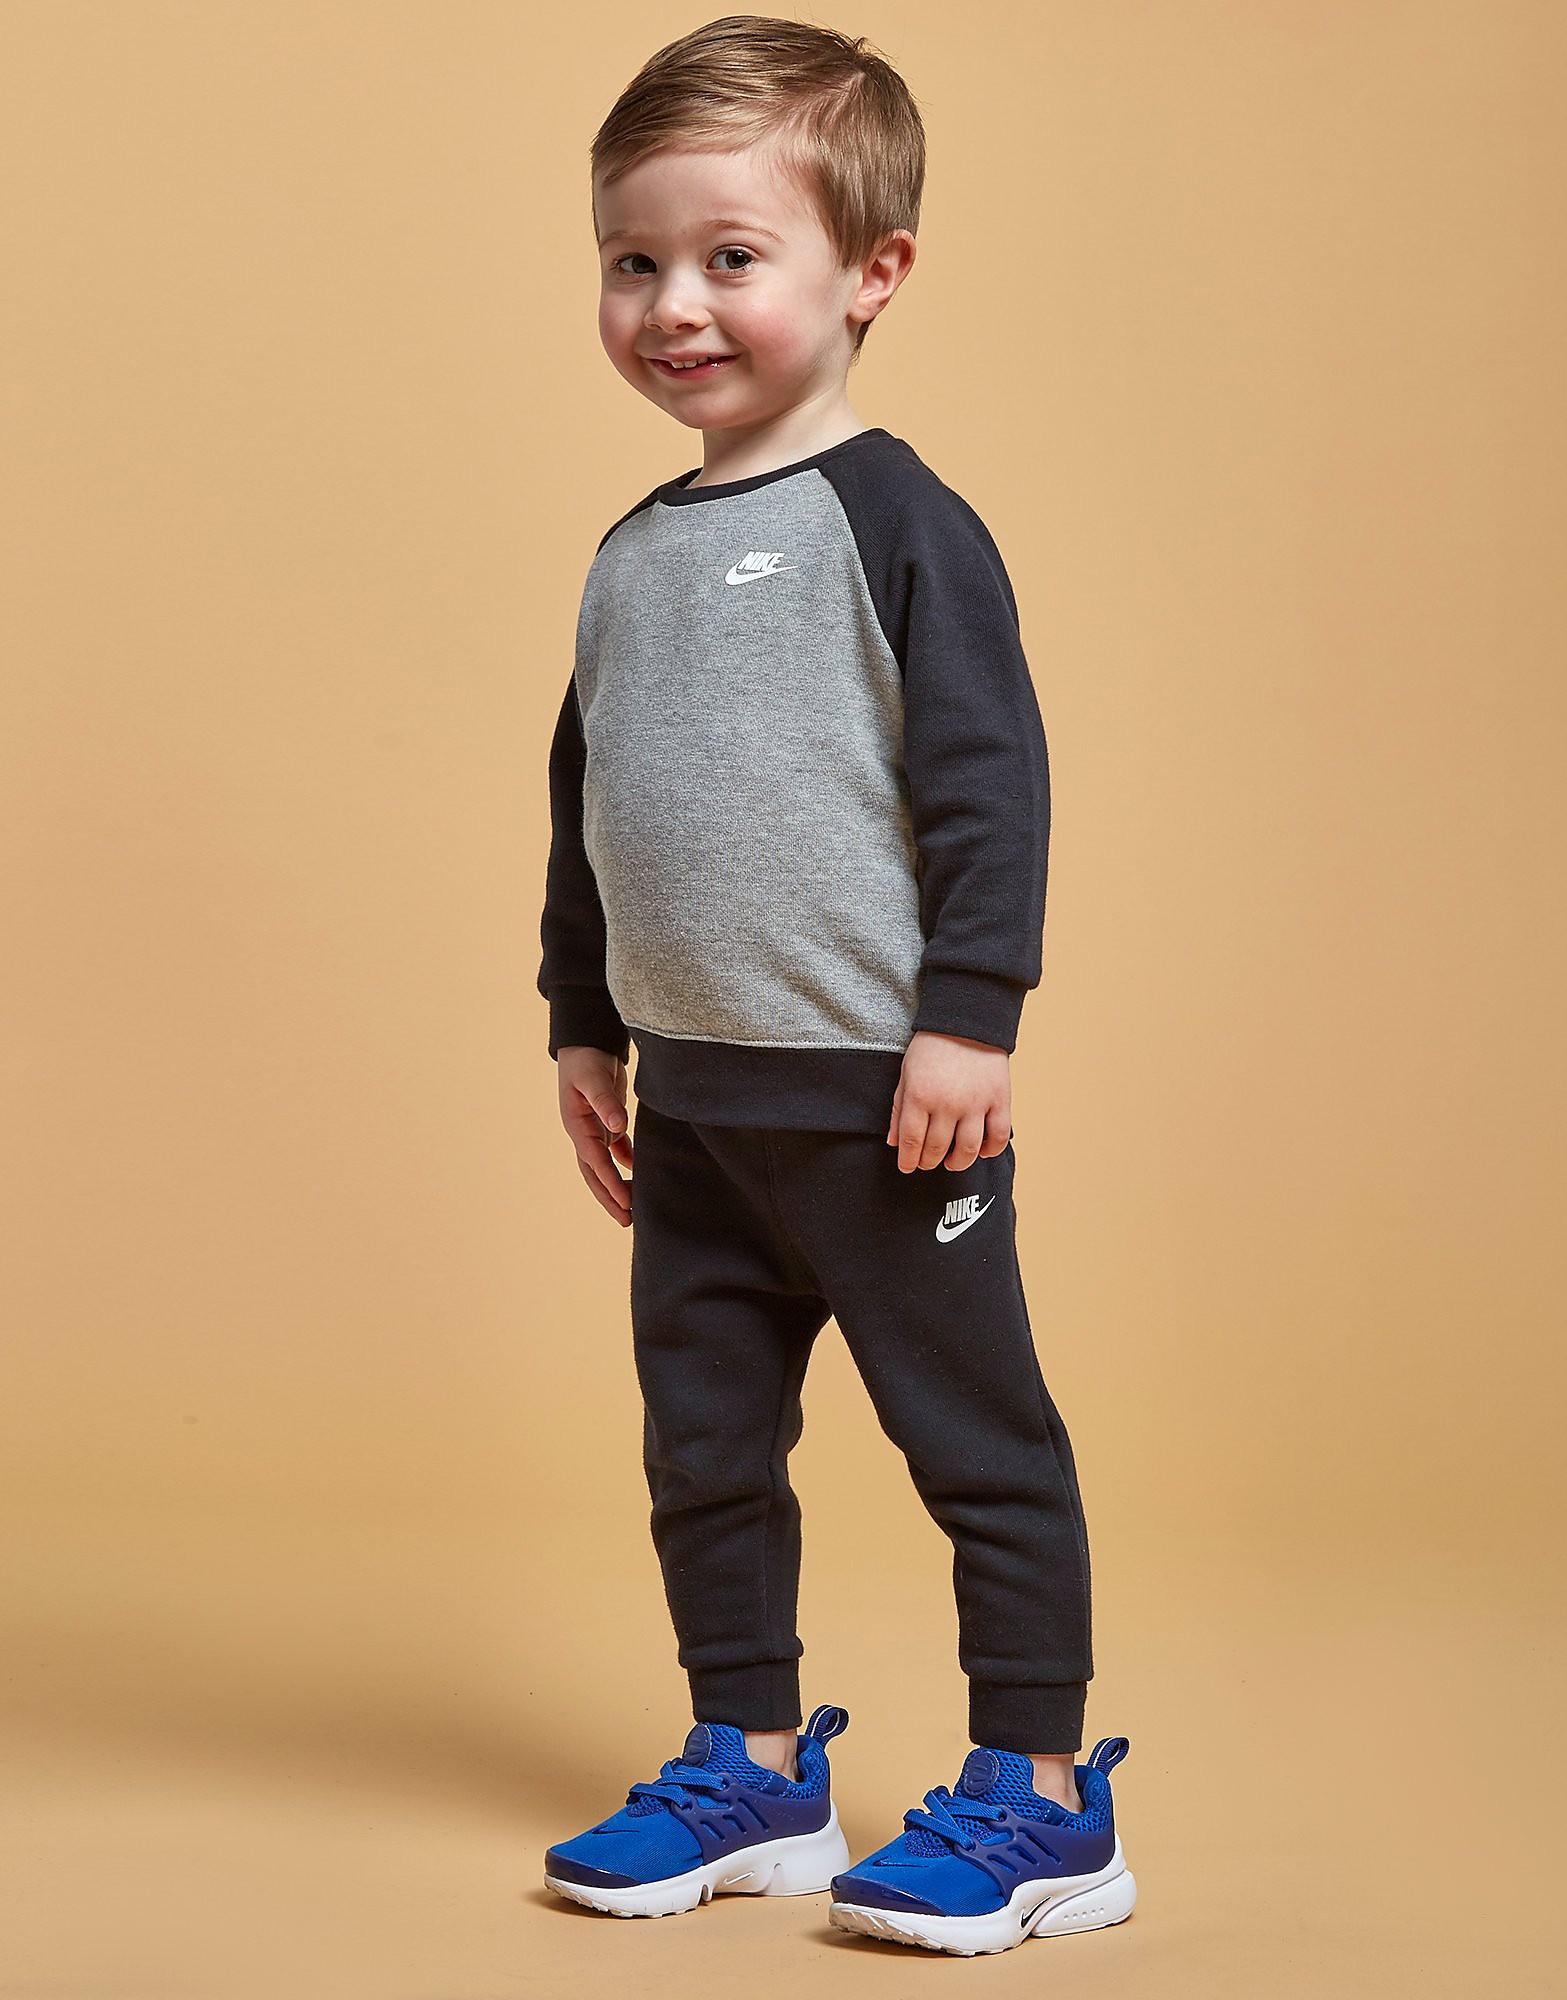 Nike Futura Crew Suit Infant